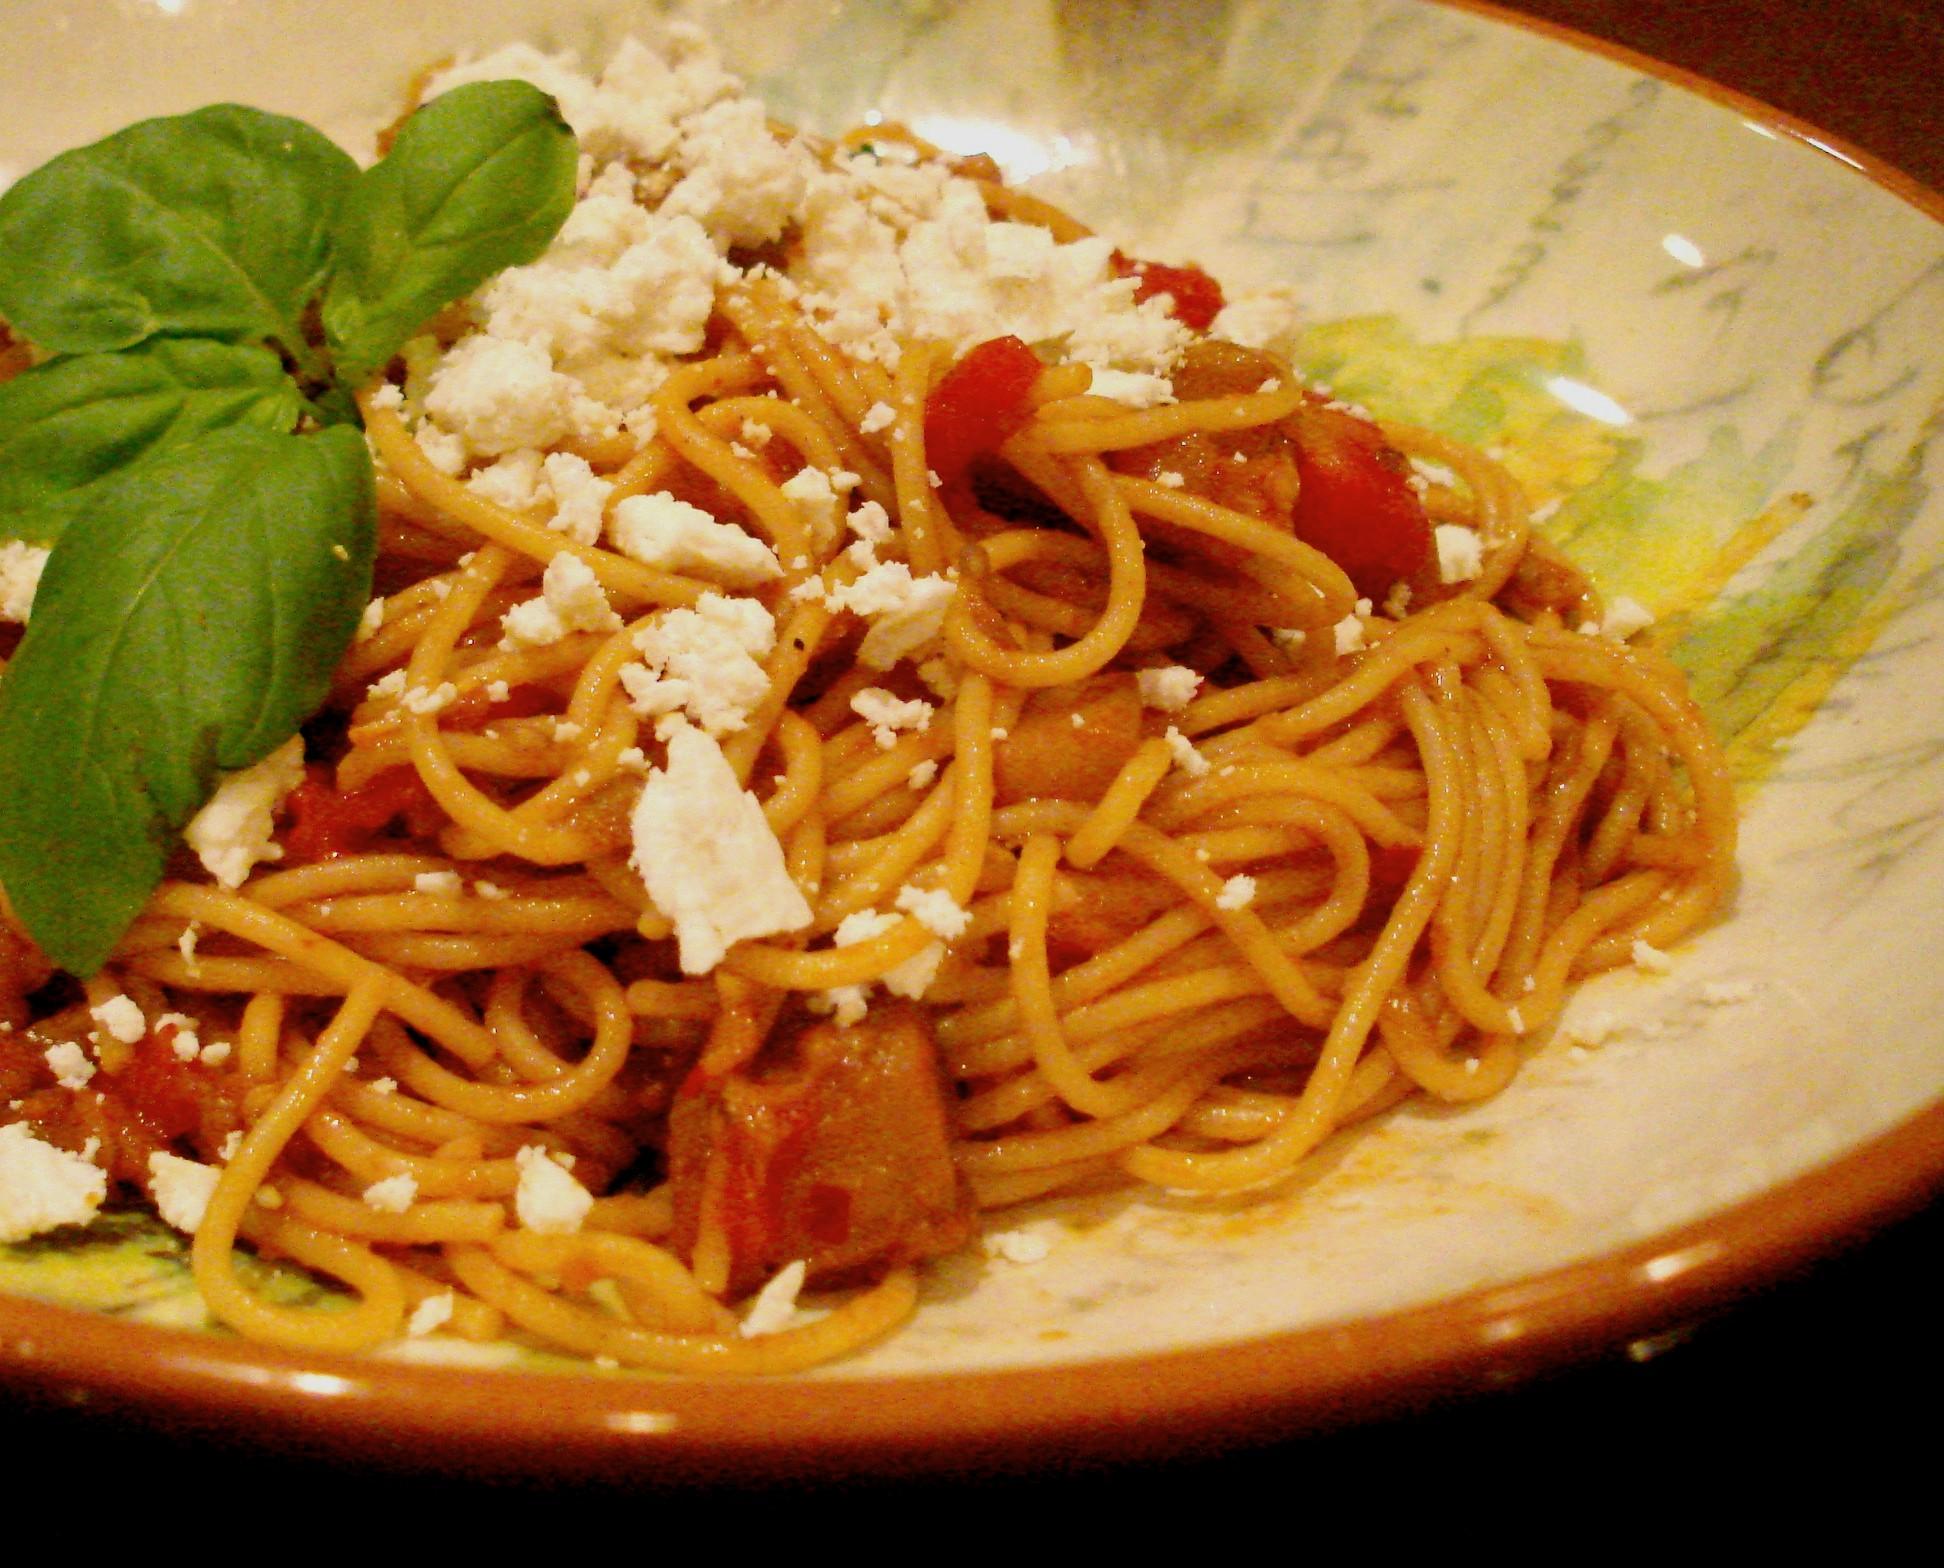 Sicily's signature Pasta Norma